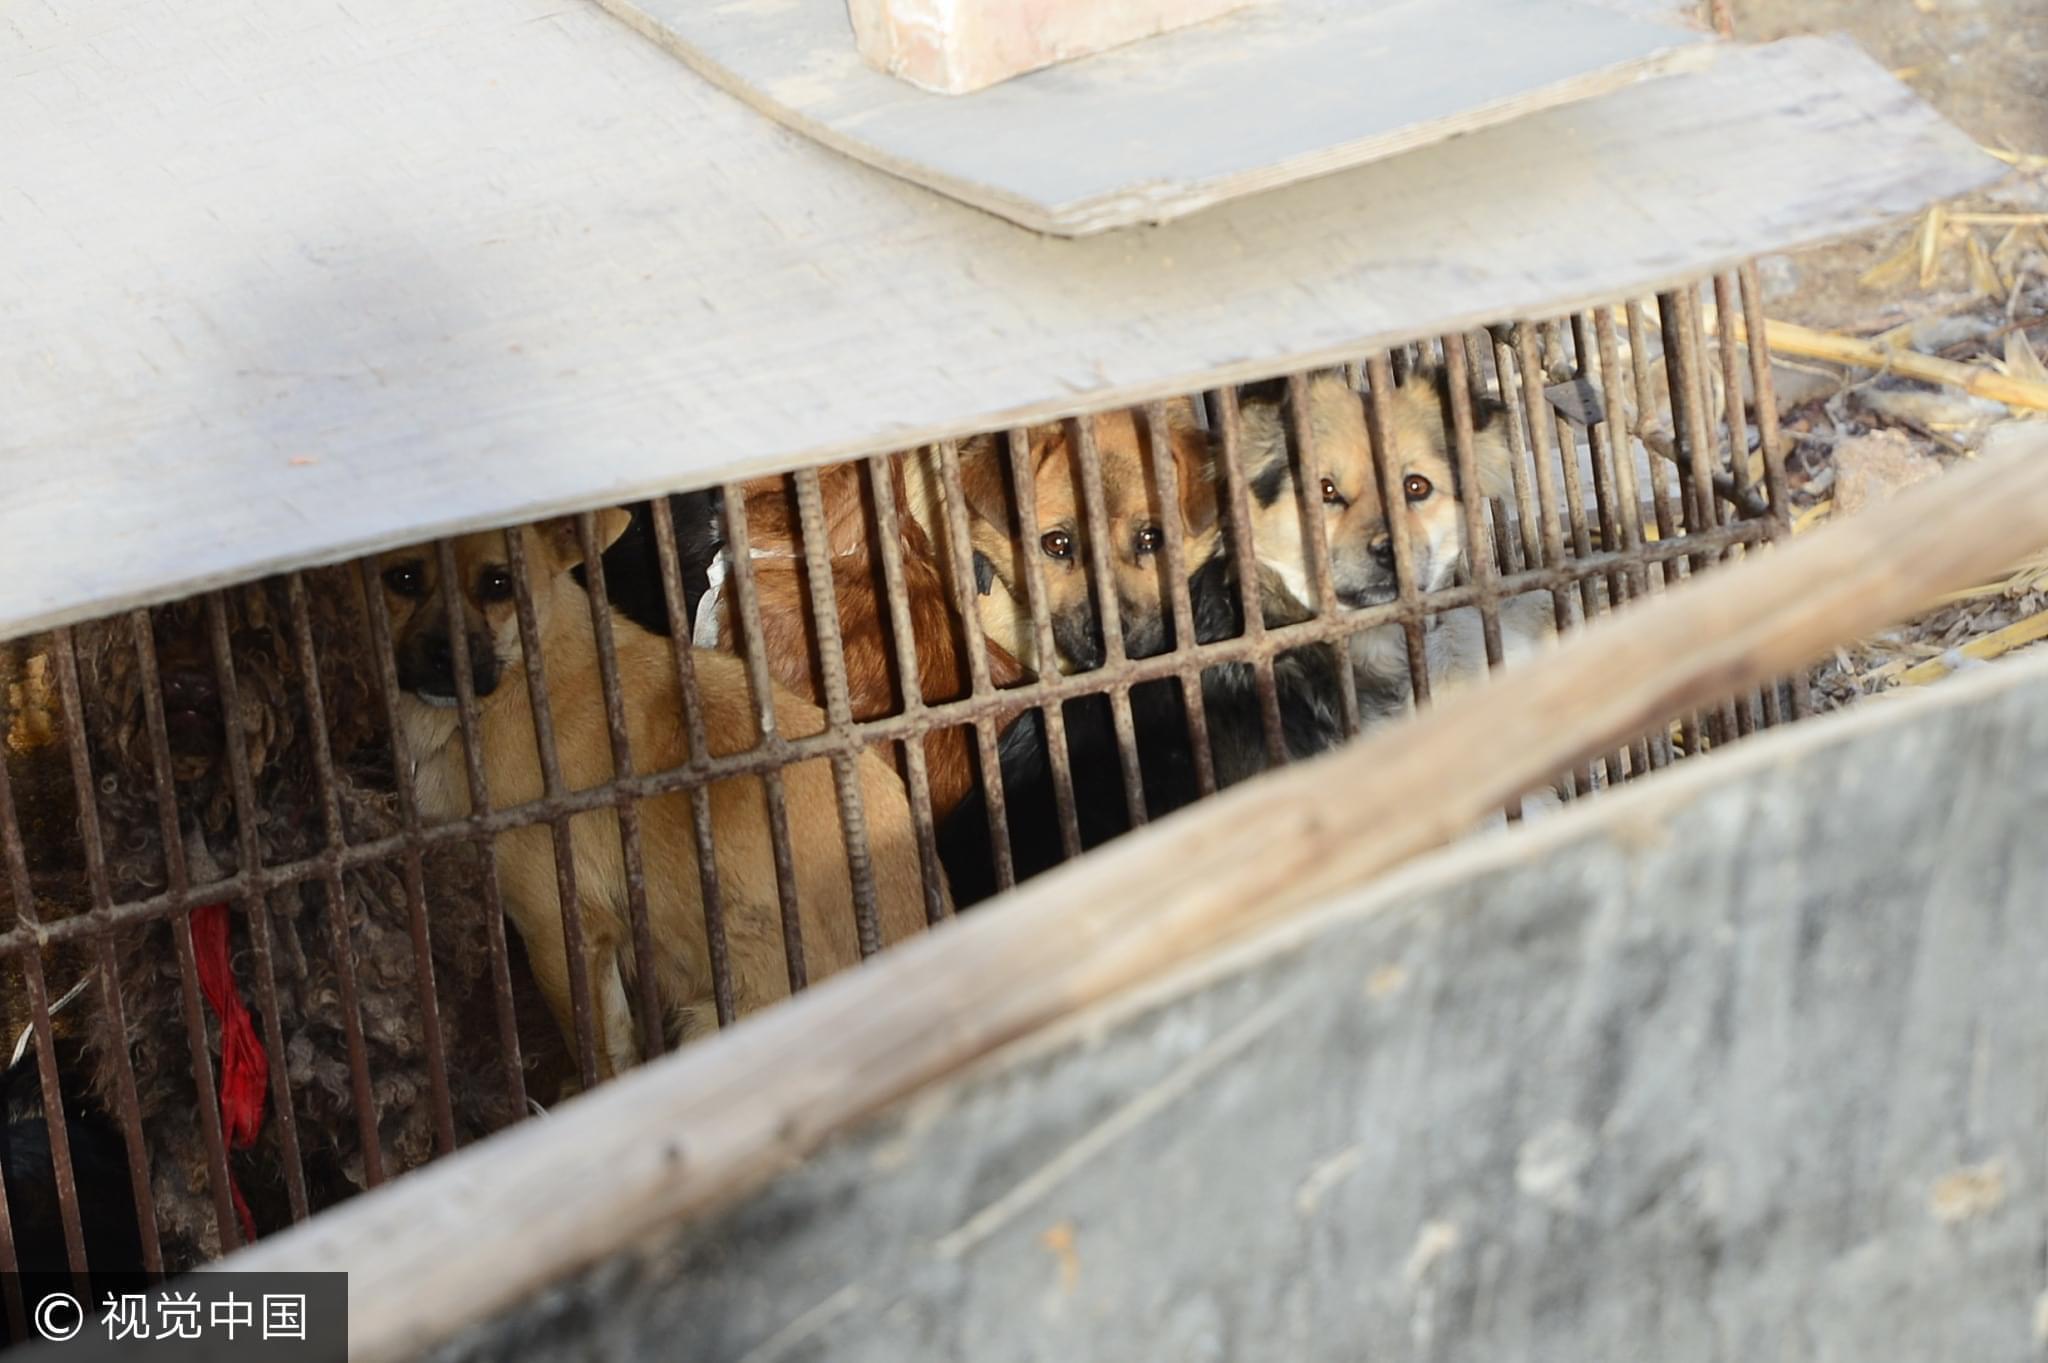 2016年12月07日,银川贺兰一个非法屠宰狗肉窝点。狗们挤在狭小的笼子里/视觉中国